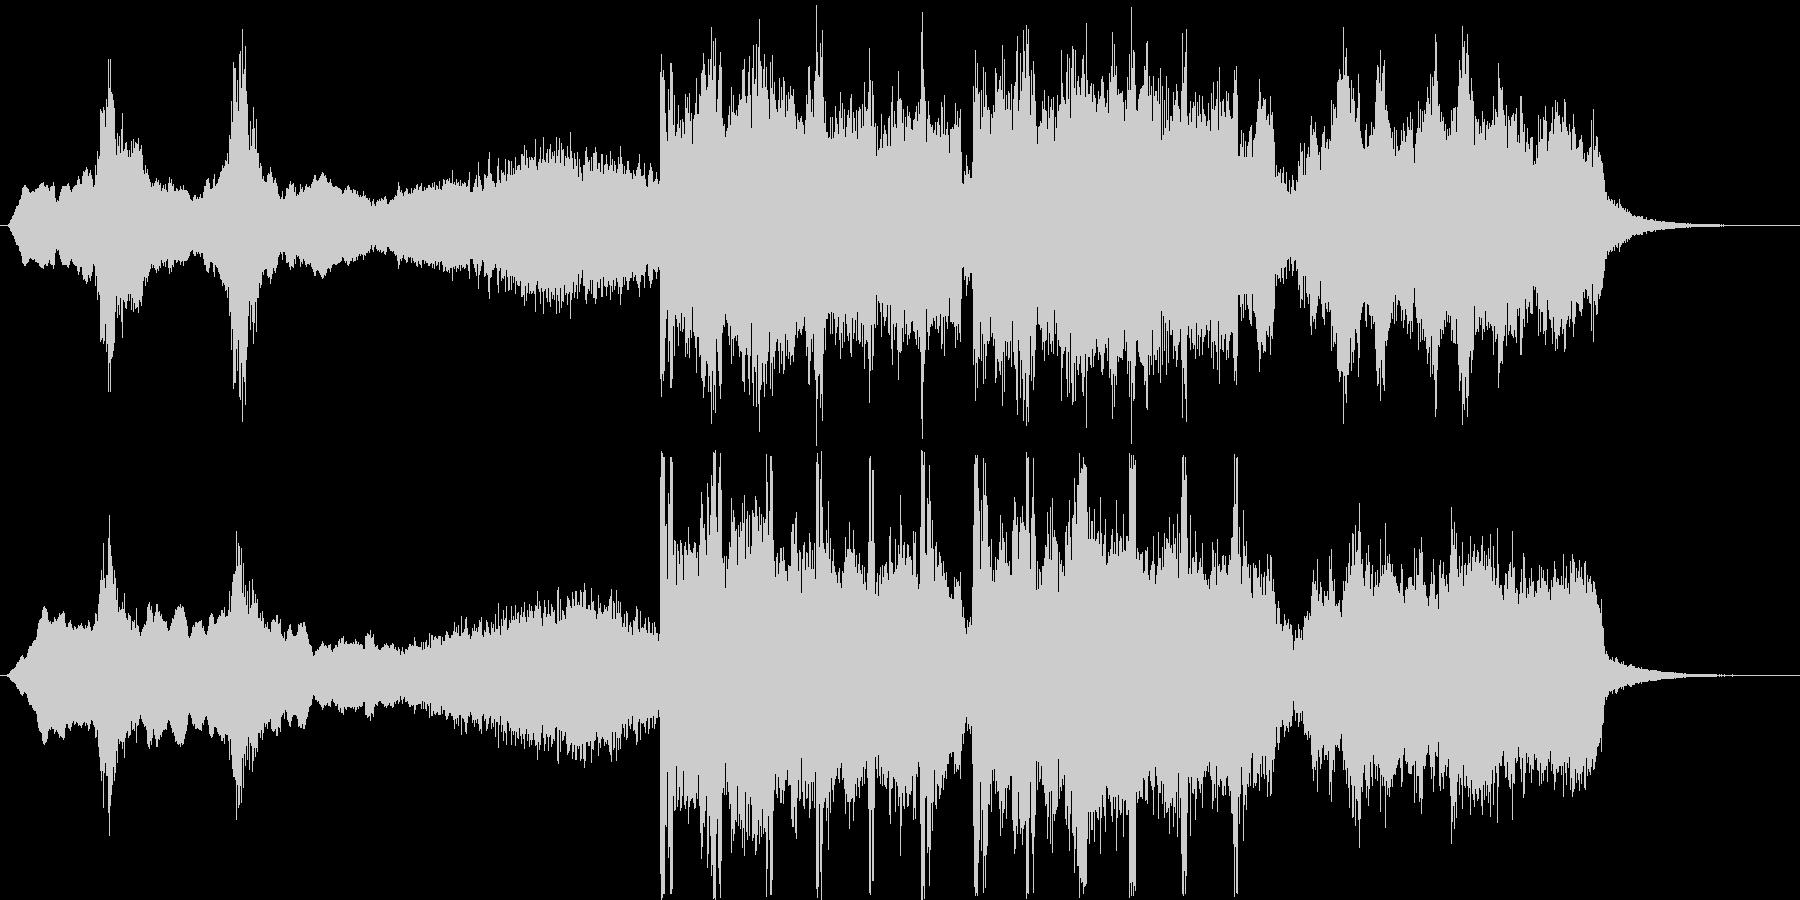 不気味なシンセ・弦楽器など短めの未再生の波形